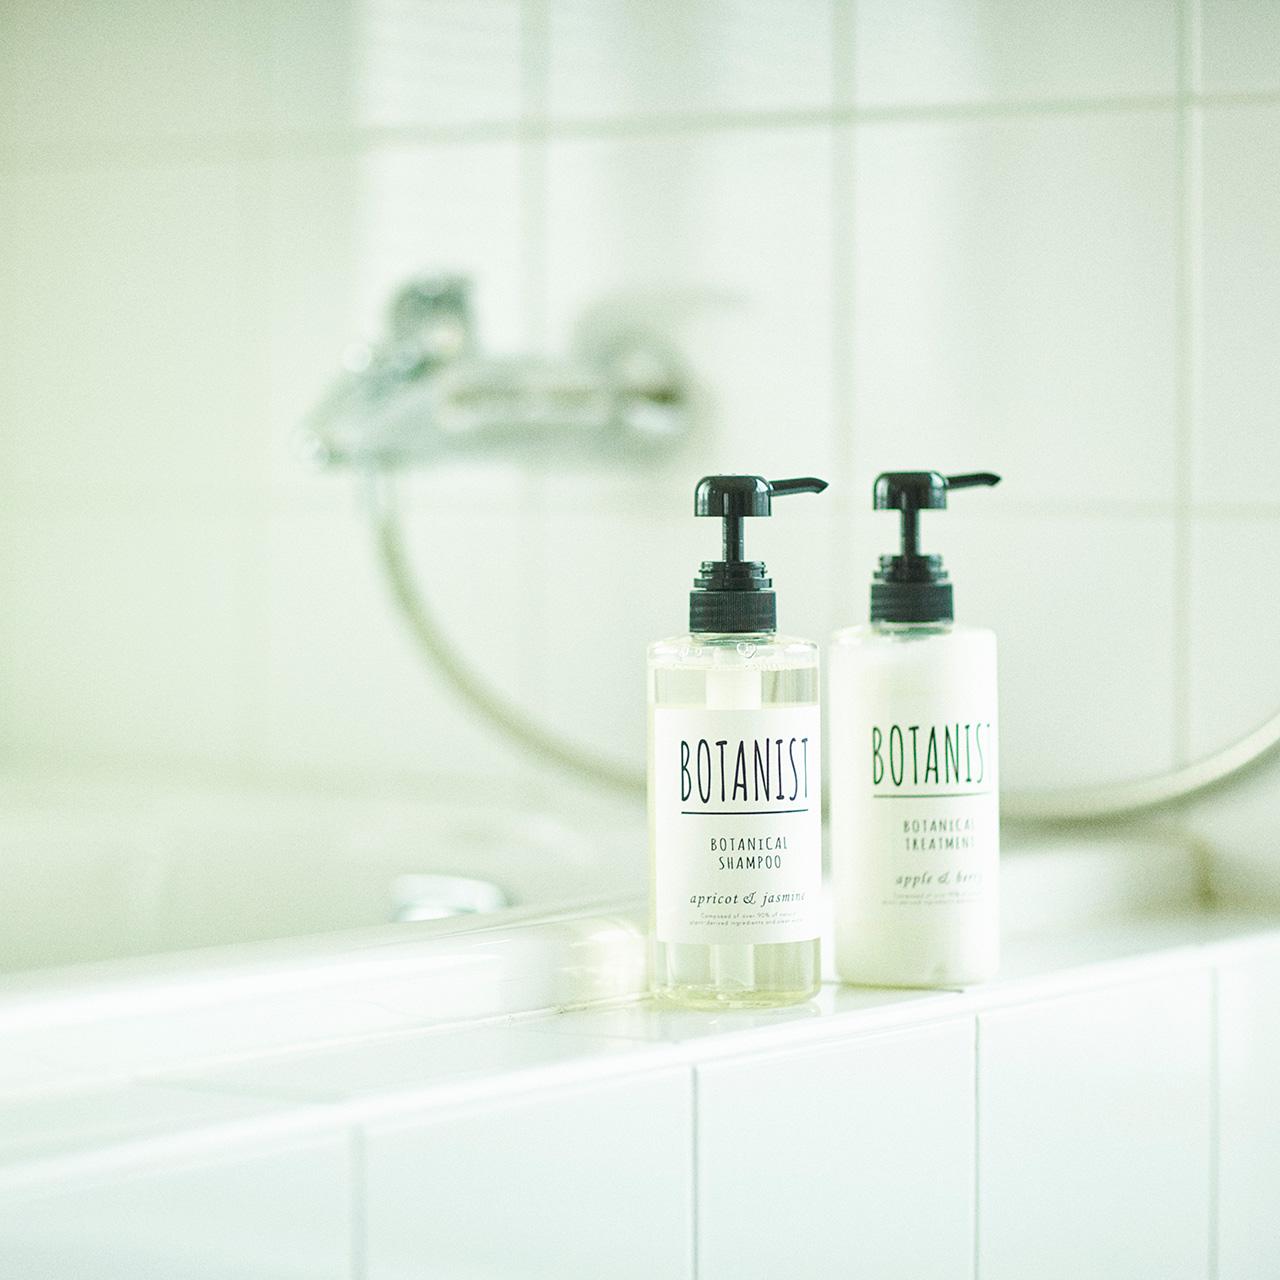 バスルームのインテリアにも♡シンプルデザインのBOTANIST【PR】